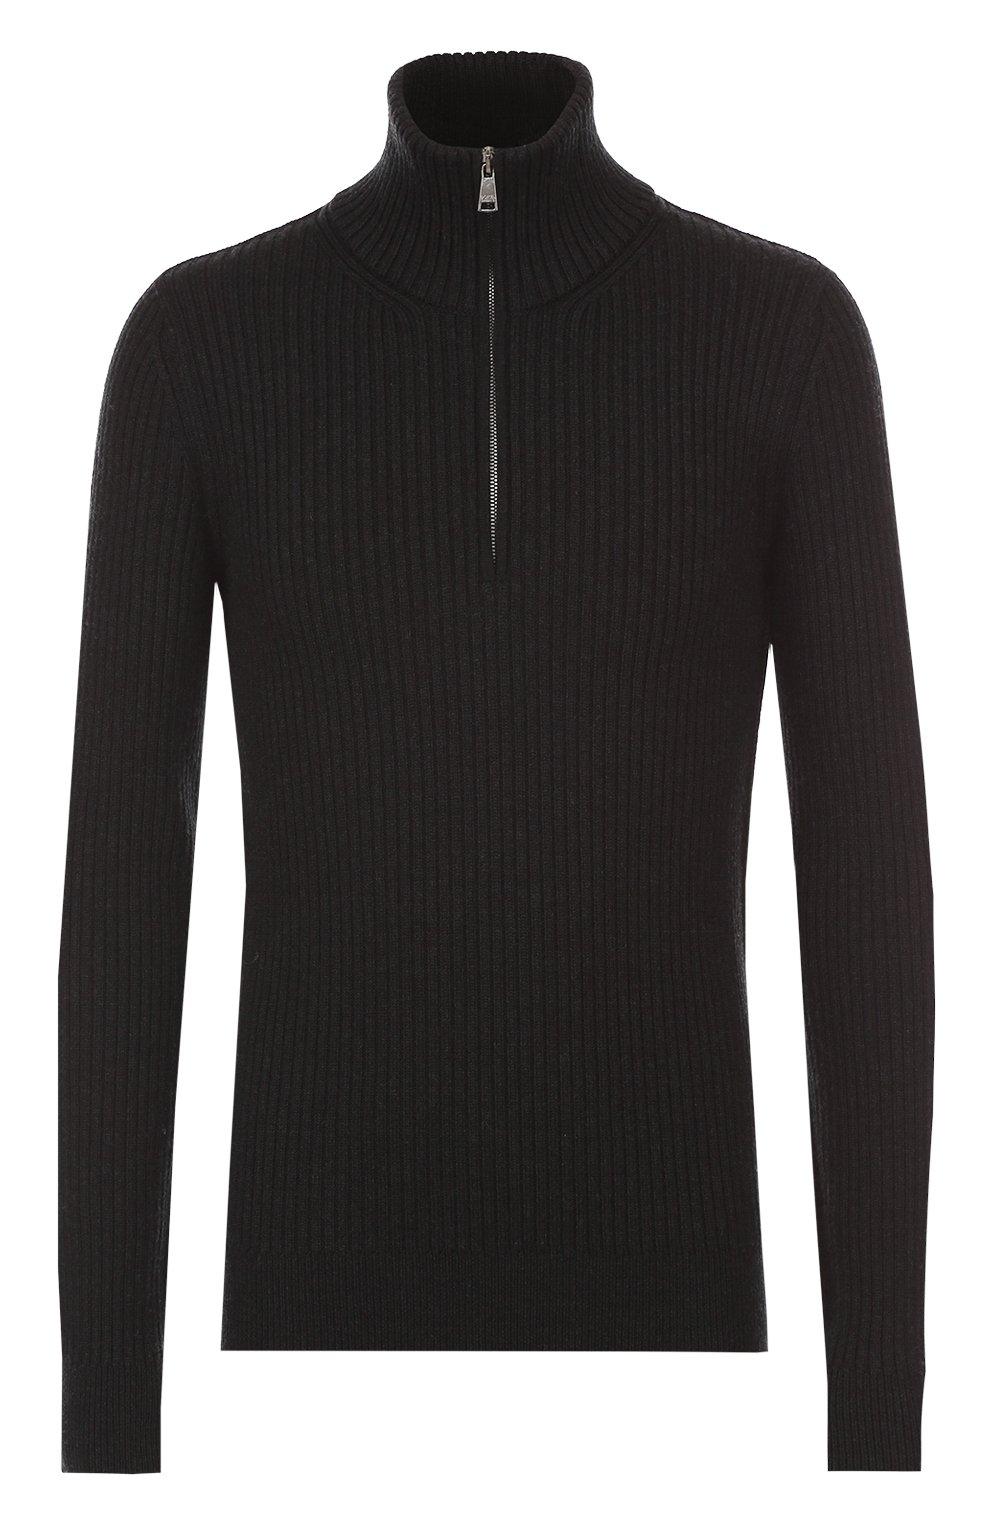 Шерстяной свитер фактурной вязки с воротником на молнии | Фото №1